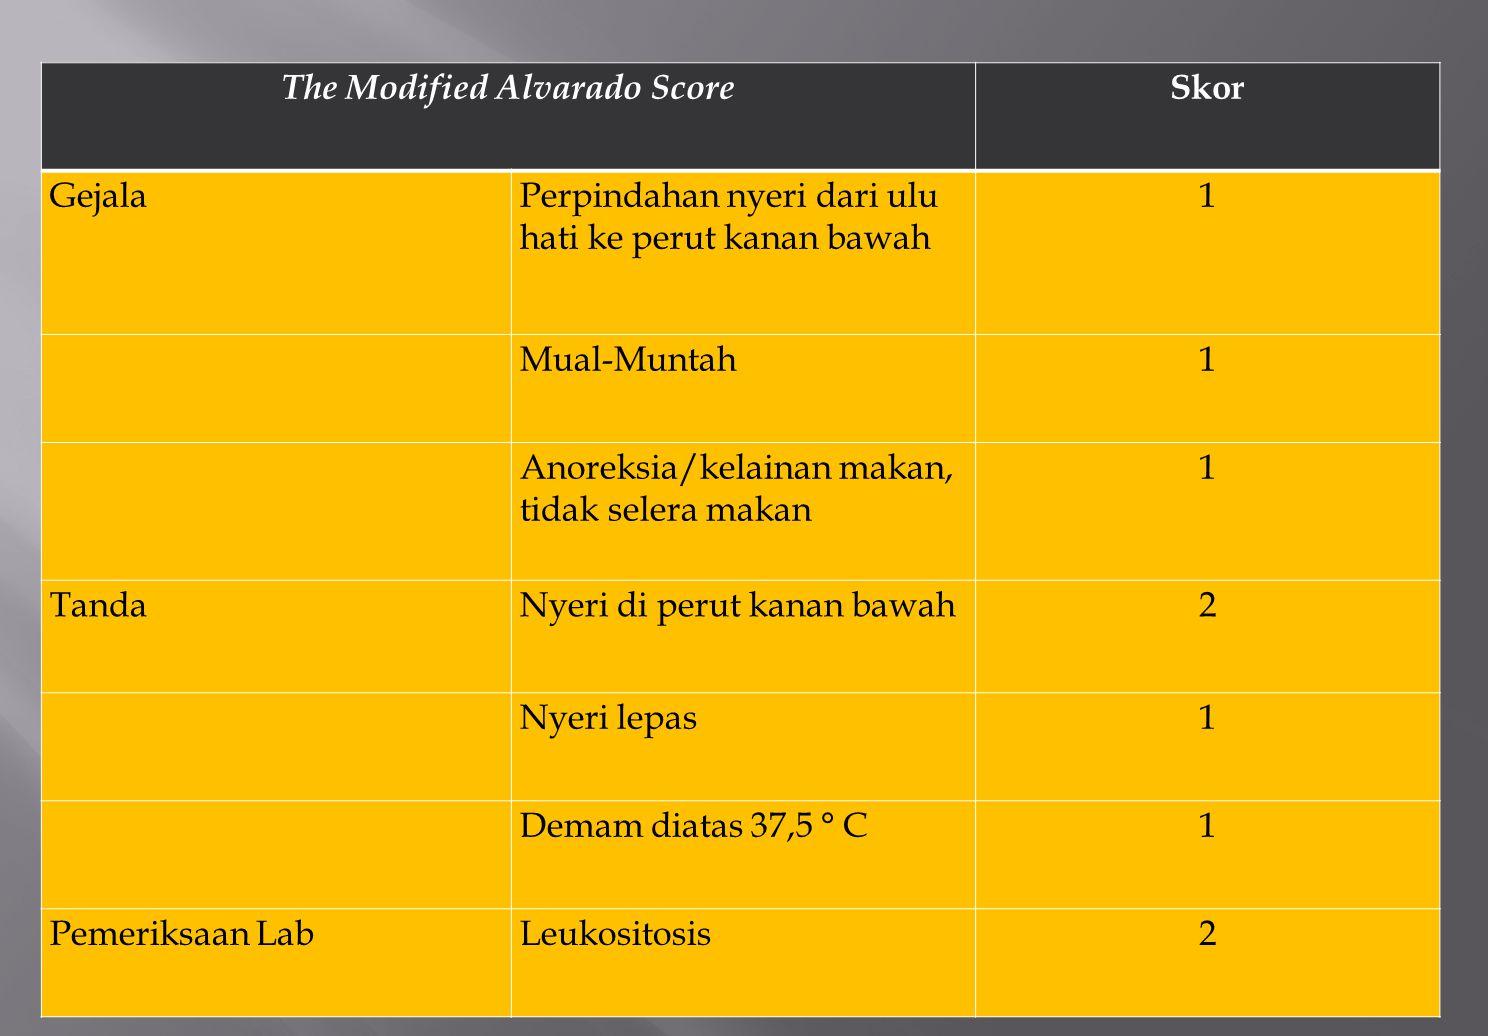 The Modified Alvarado Score Skor GejalaPerpindahan nyeri dari ulu hati ke perut kanan bawah 1 Mual-Muntah1 Anoreksia/kelainan makan, tidak selera maka